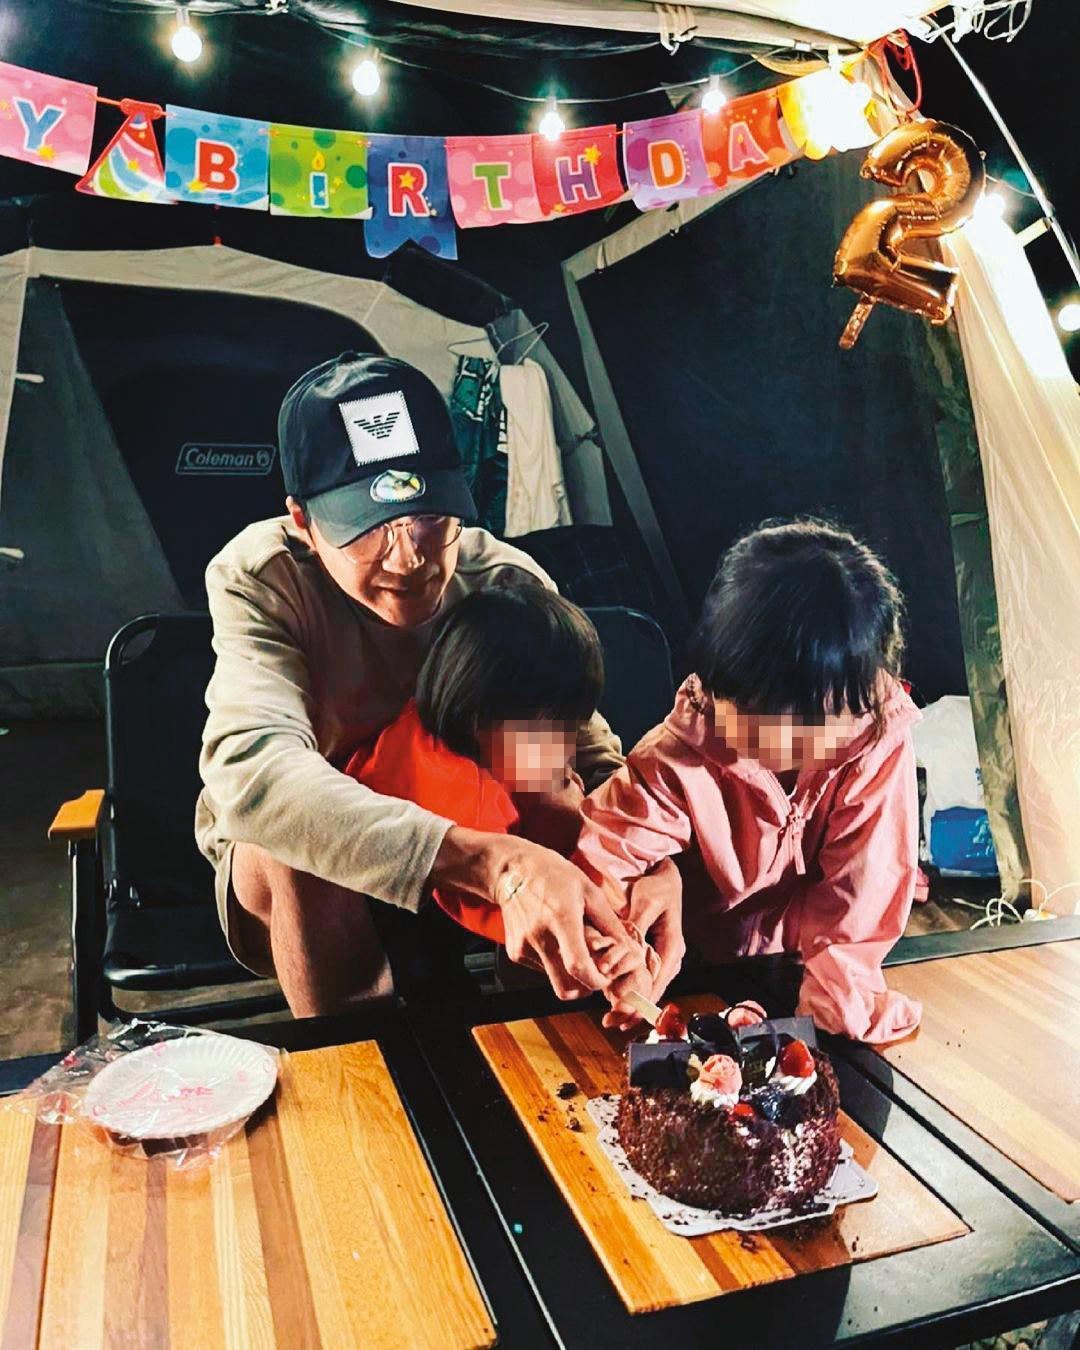 江宏傑近來頻發IG抒發近況與心情,日前他帶孩子露營並幫兒子過生日,單親爸爸十分盡責。(翻攝自江宏傑IG)